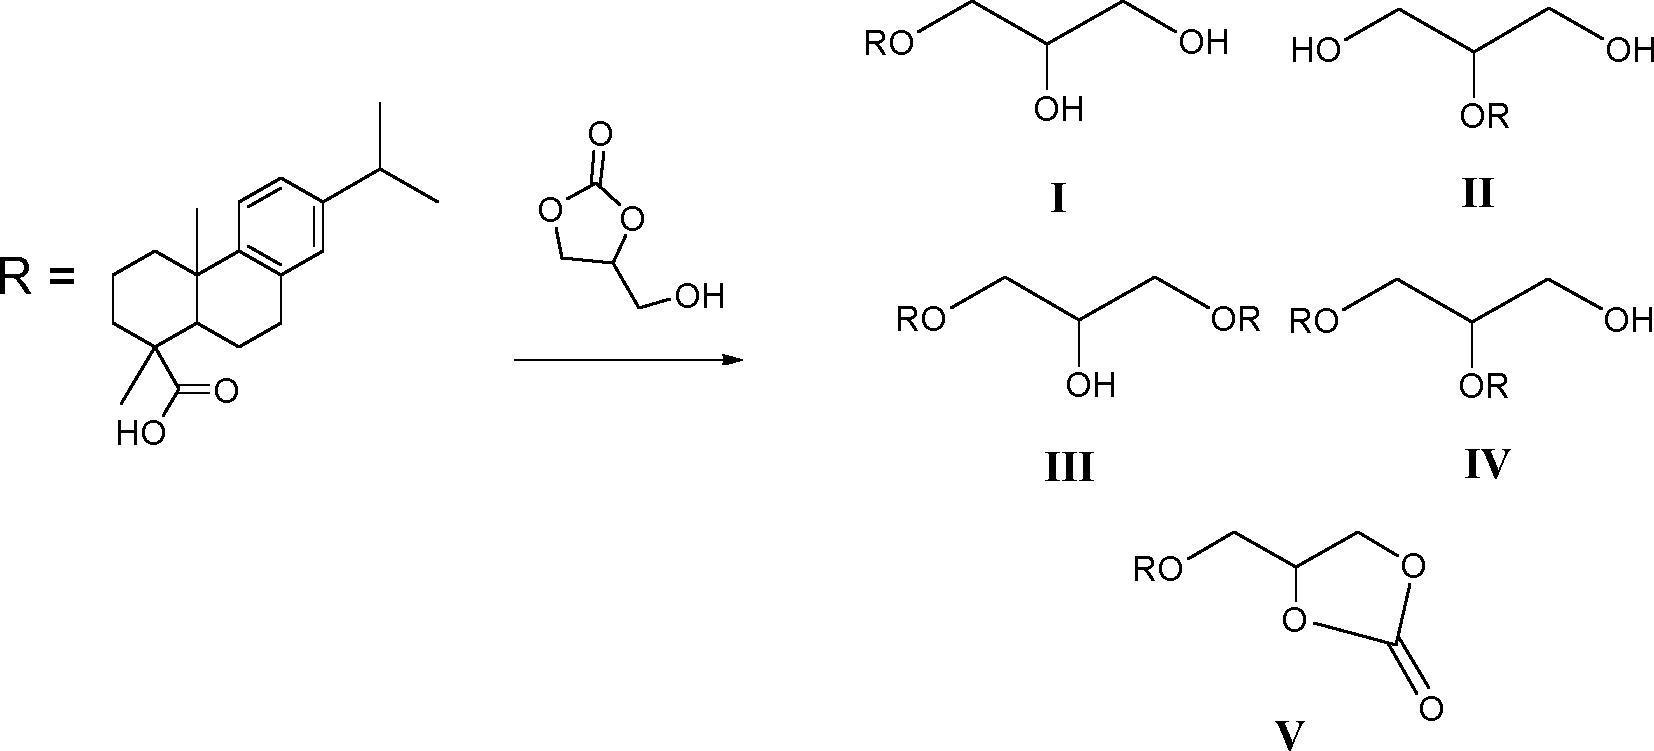 Figure DE102016209454A1_0001